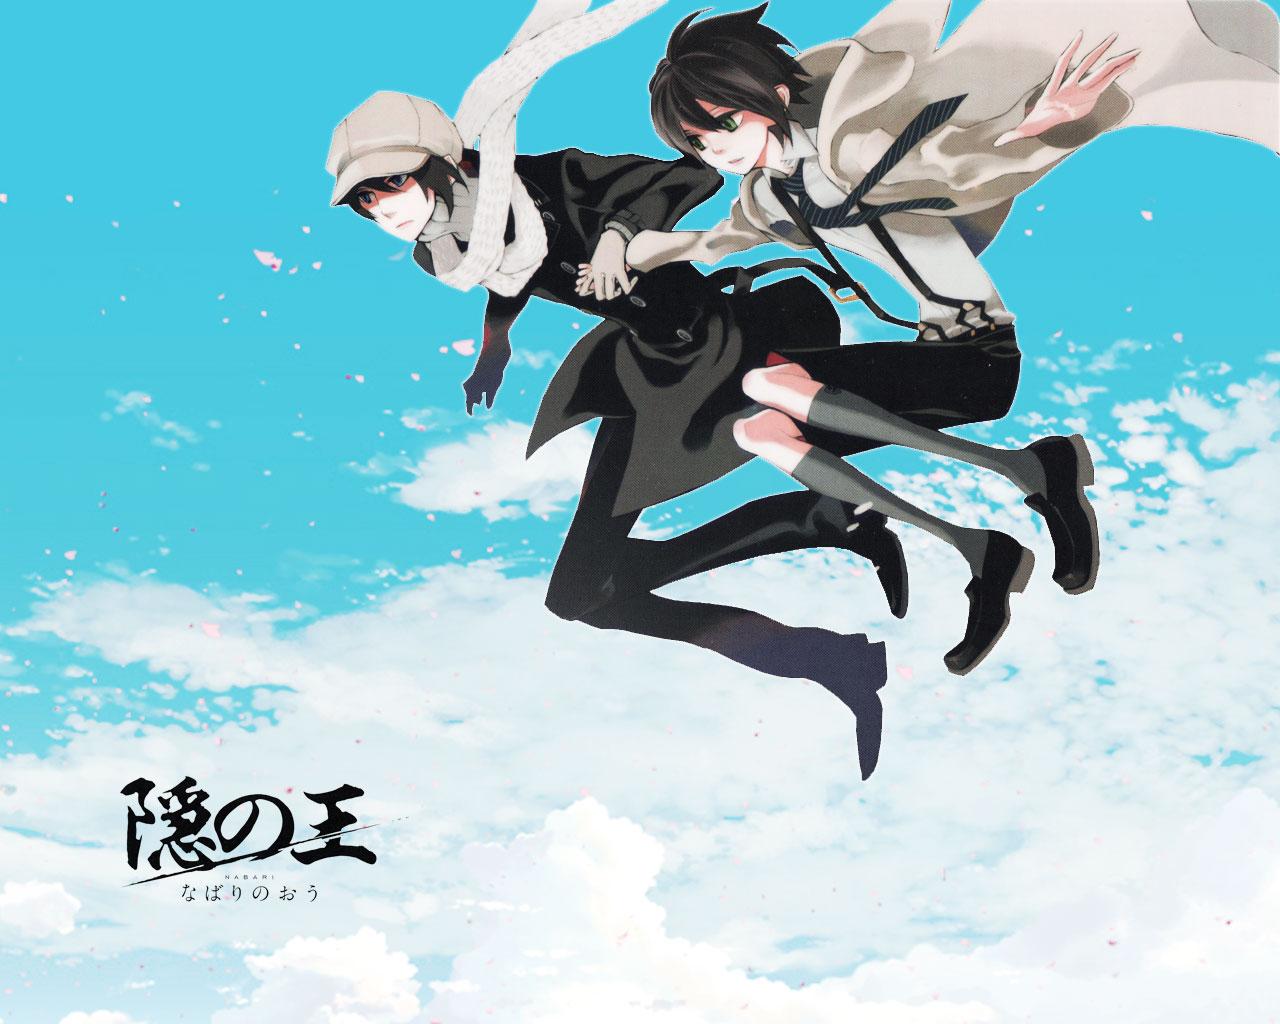 Nabari no Ou (King Of Nabari), Wallpaper - Zerochan Anime ... Nabari No Ou Raikou Wallpaper